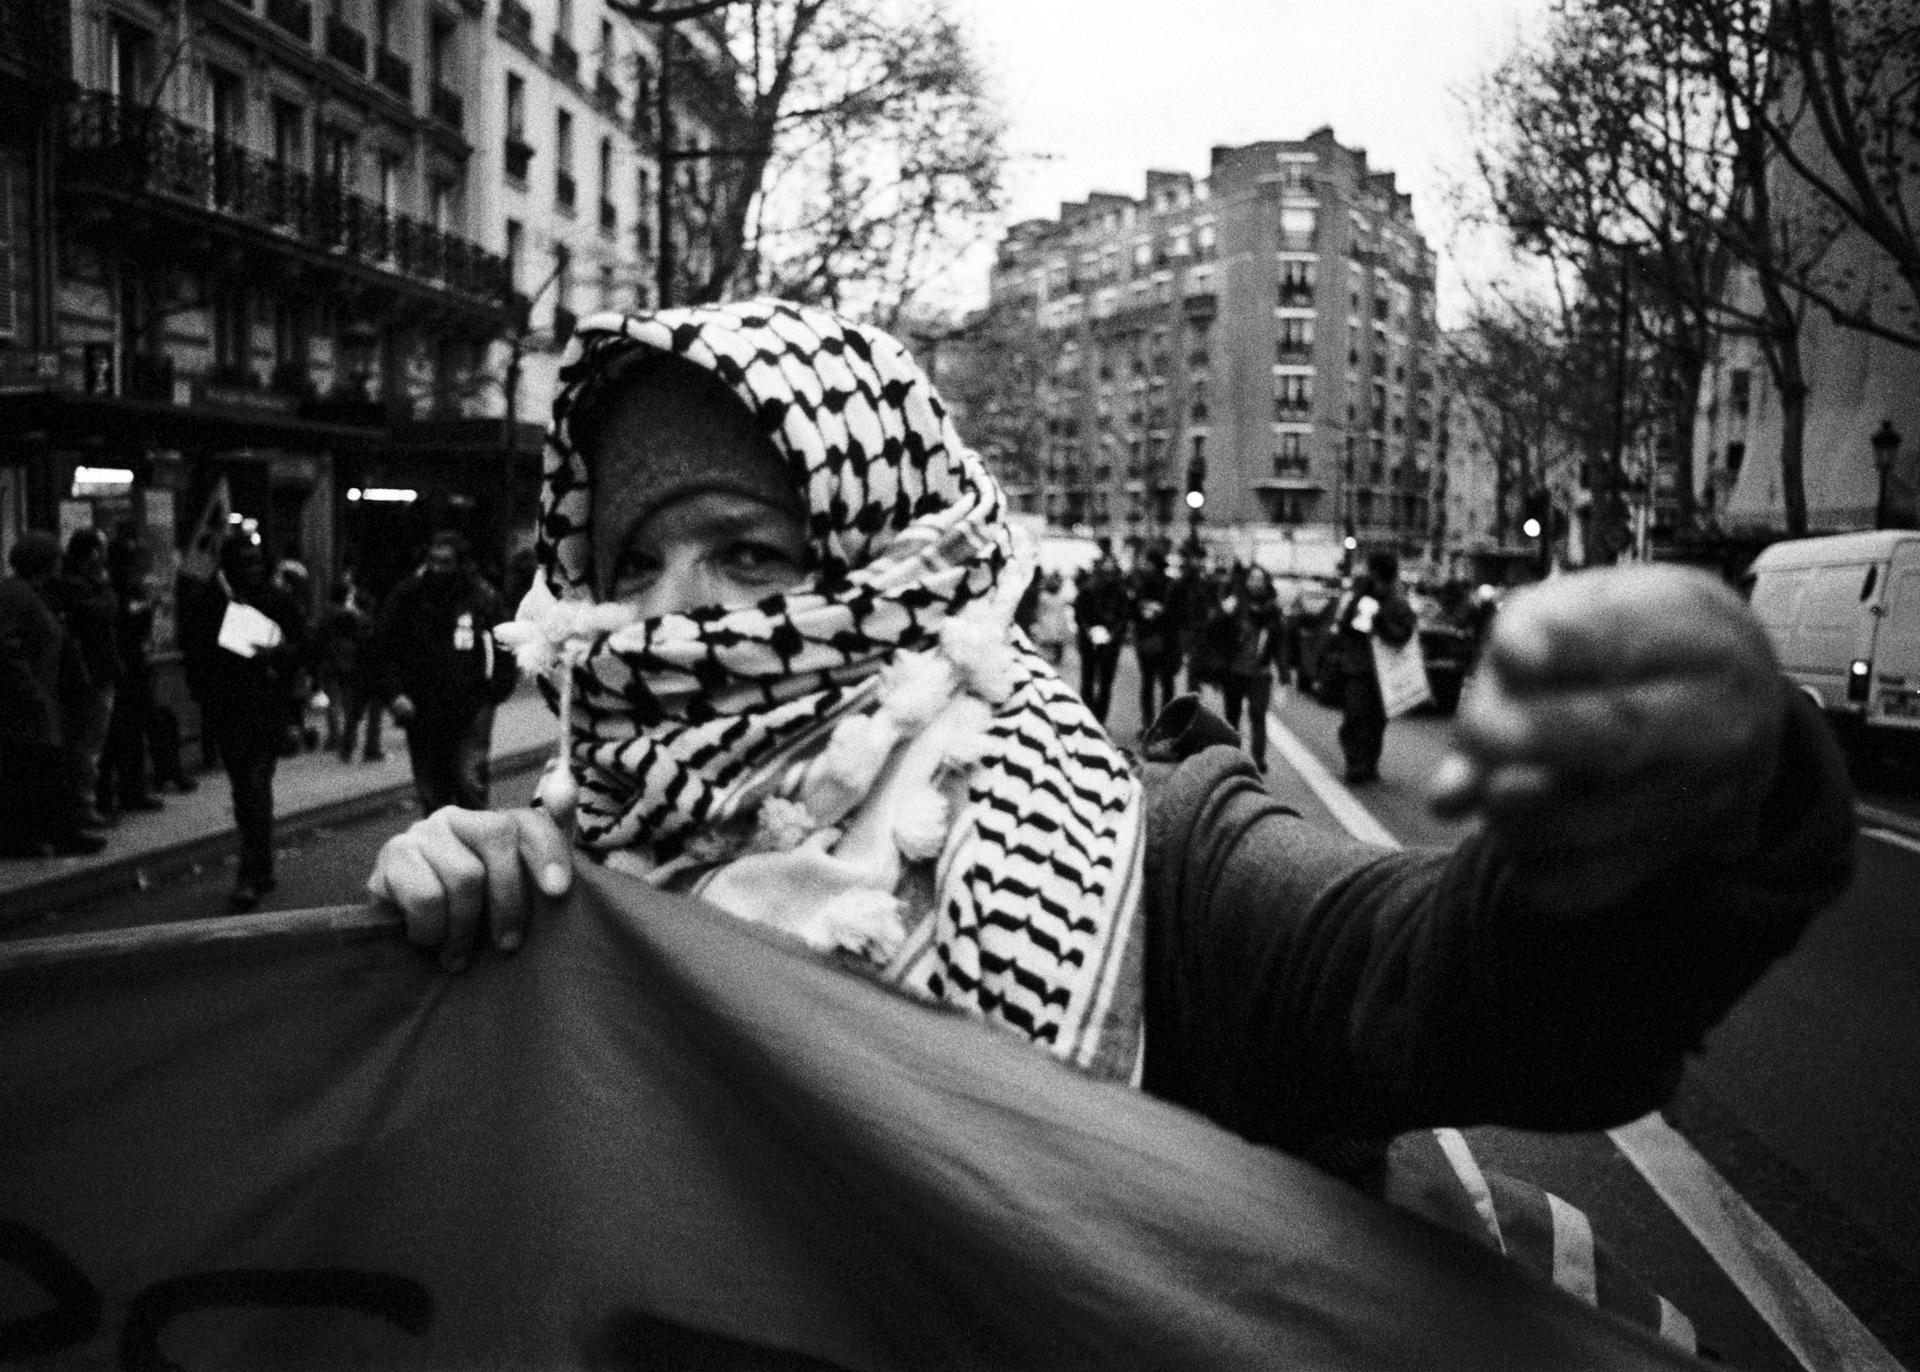 MANIFESTATION CONTRE LE RACISME ET POUR L'ÉGALITÉ DES DROITS, 7 DÉCEMBRE 2013.